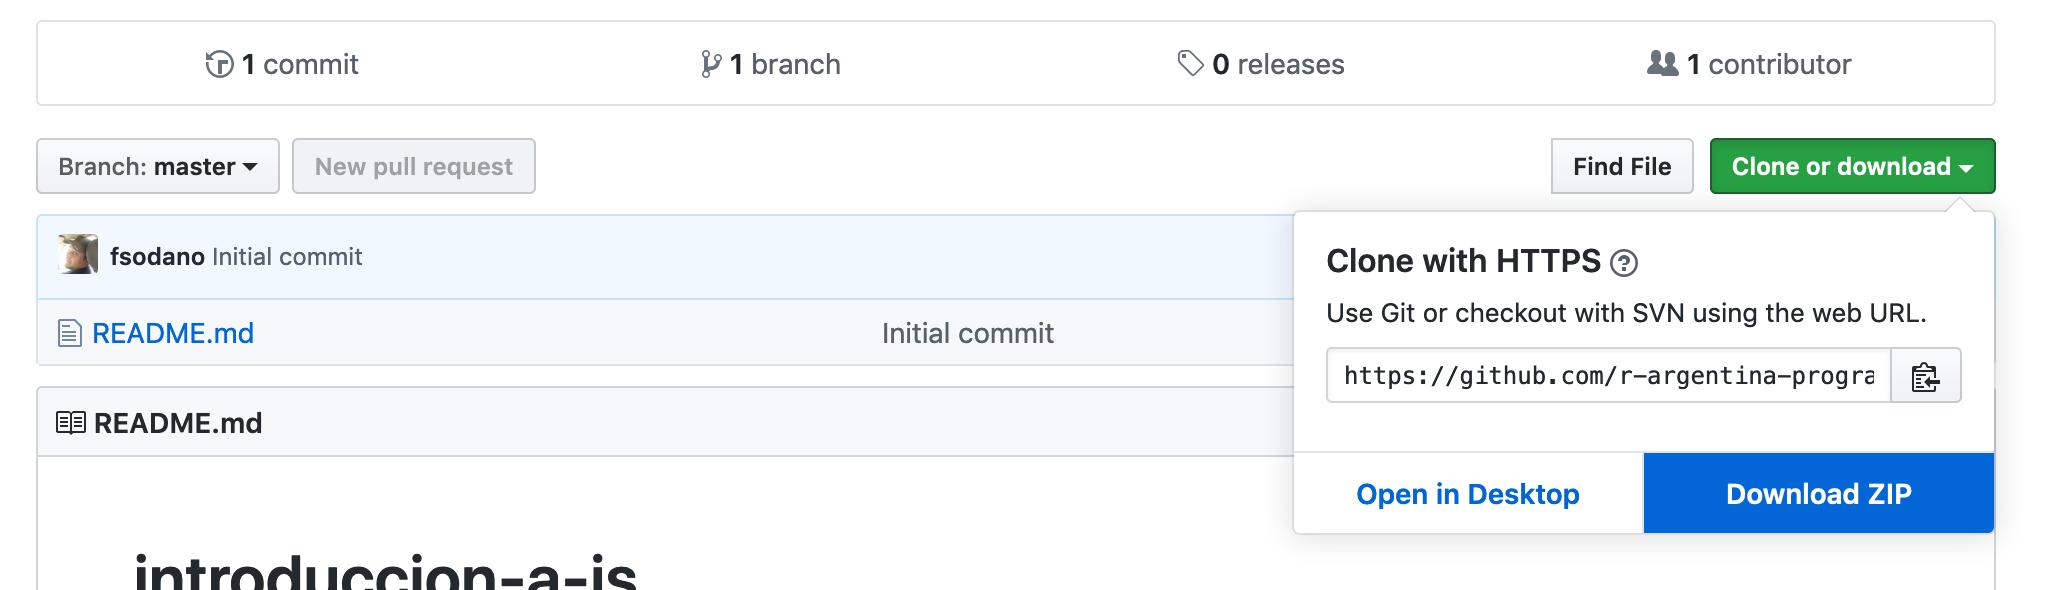 Imagen de cómo bajarse un repositorio de GitHub en formato .ZIP